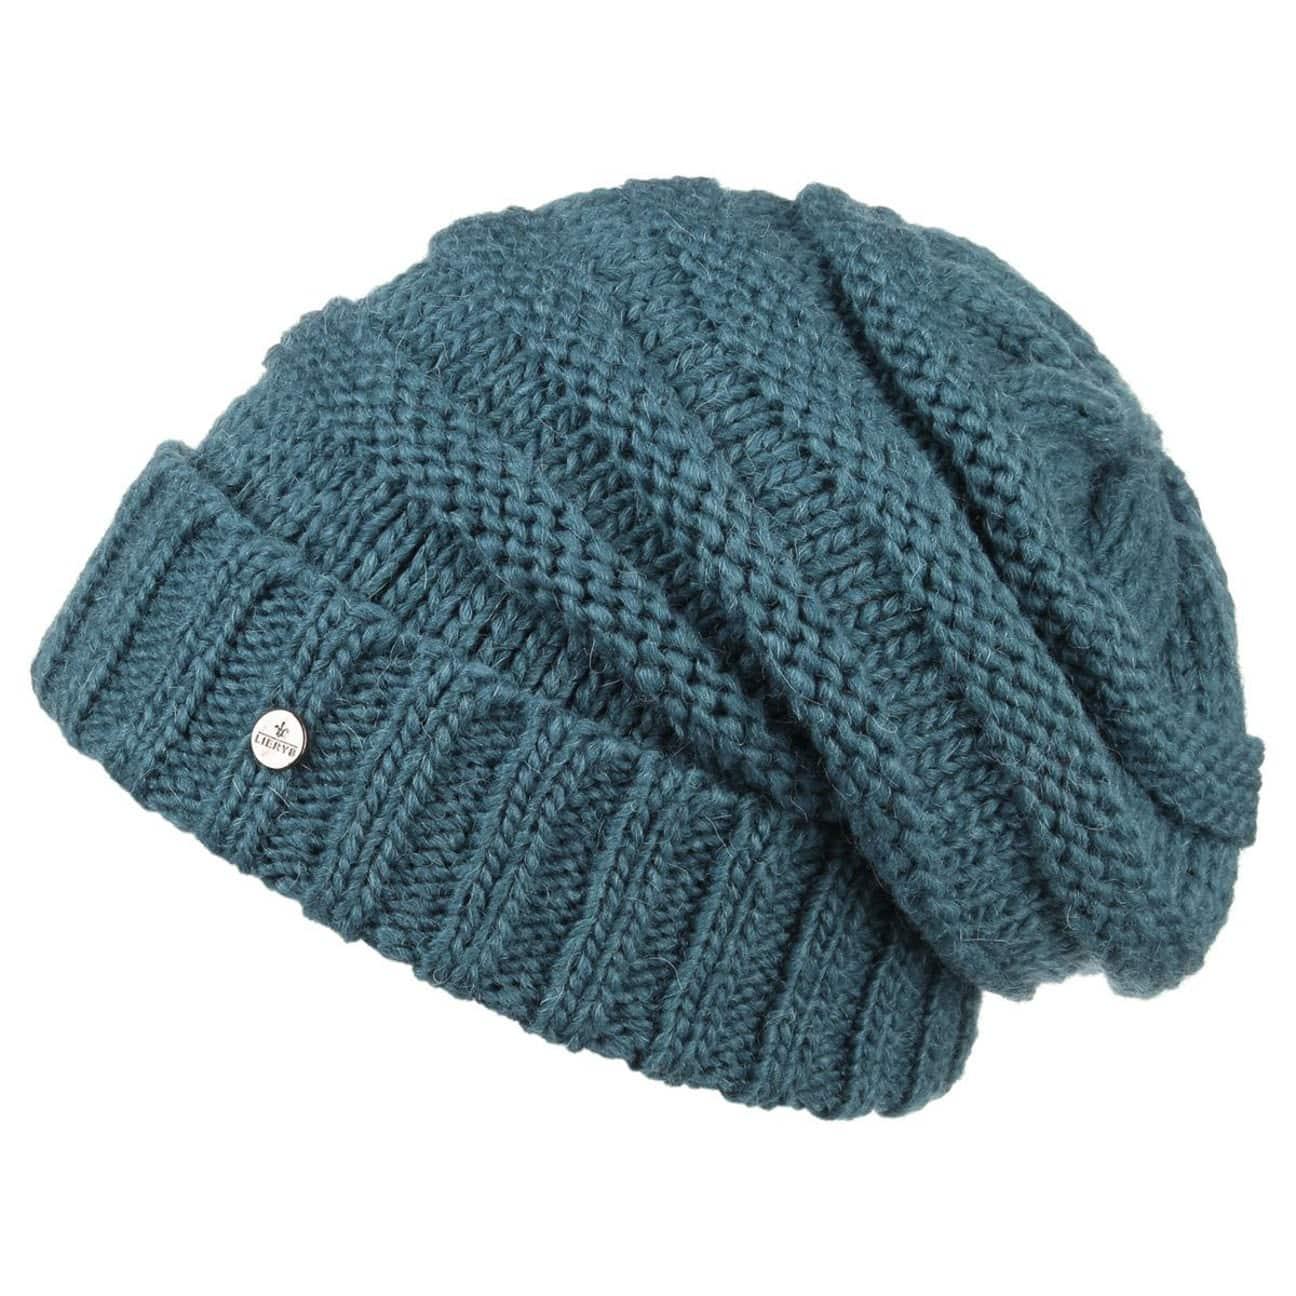 1813bcc647019b ... Long Beanie Knit Hat by Lierys - oatmeal 1 ...